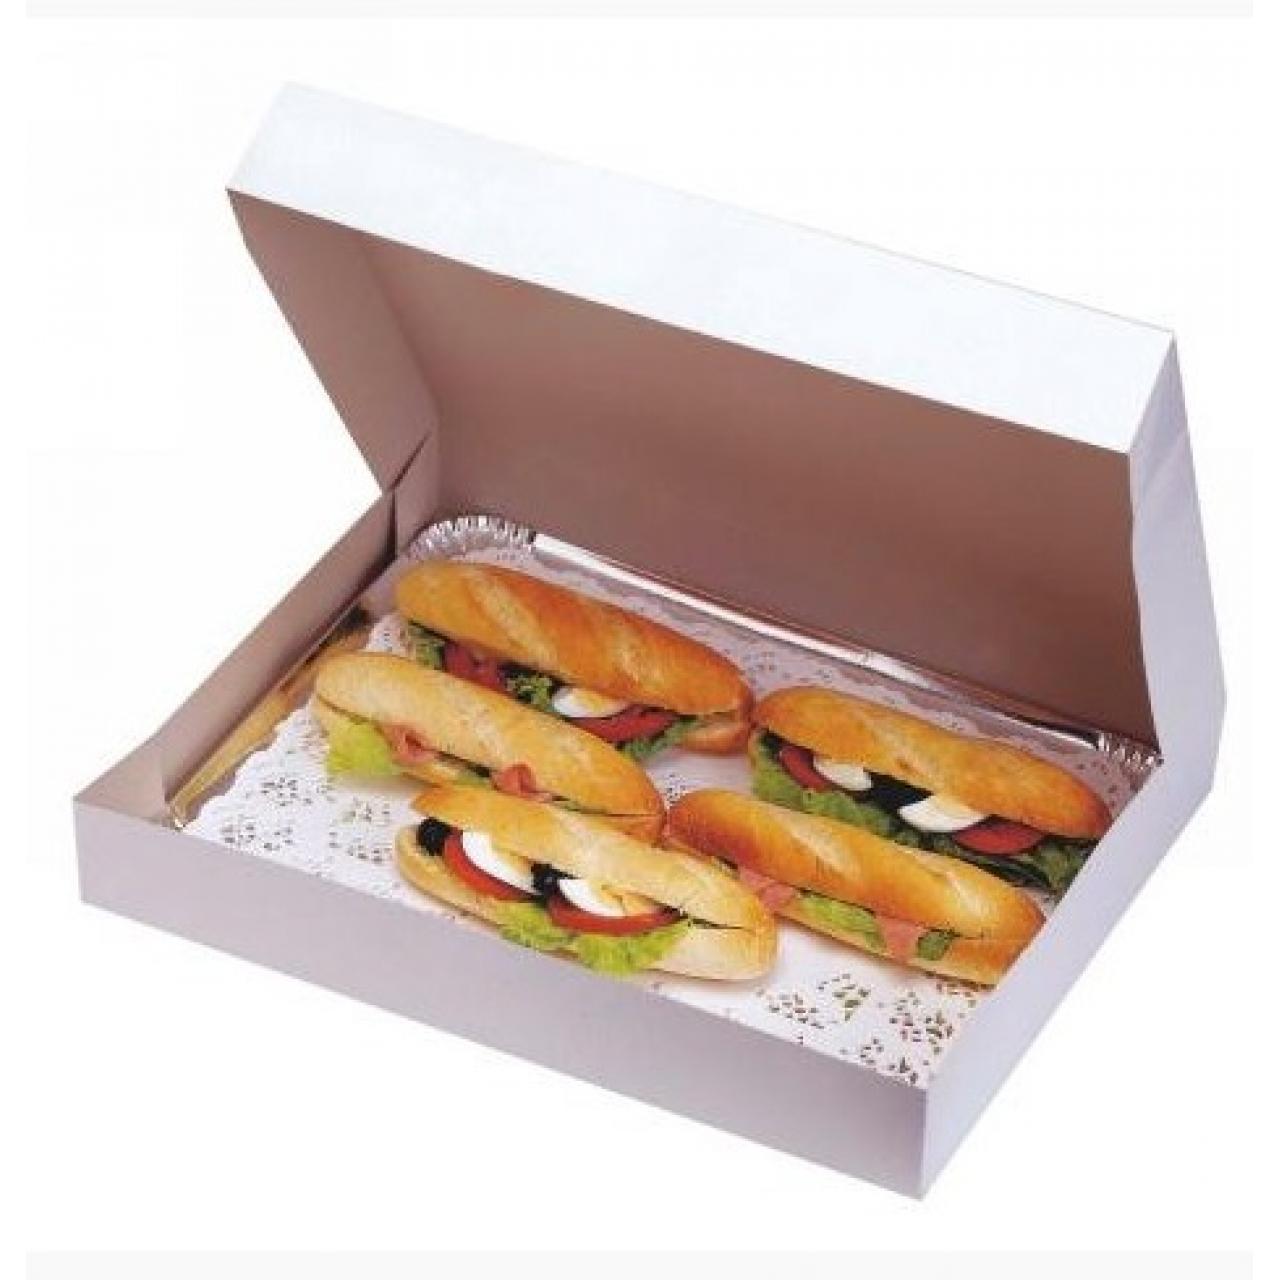 Accueil boite traiteur blanche 43x29x6 cm emballages - Code promo blanche porte 50 et port gratuit ...